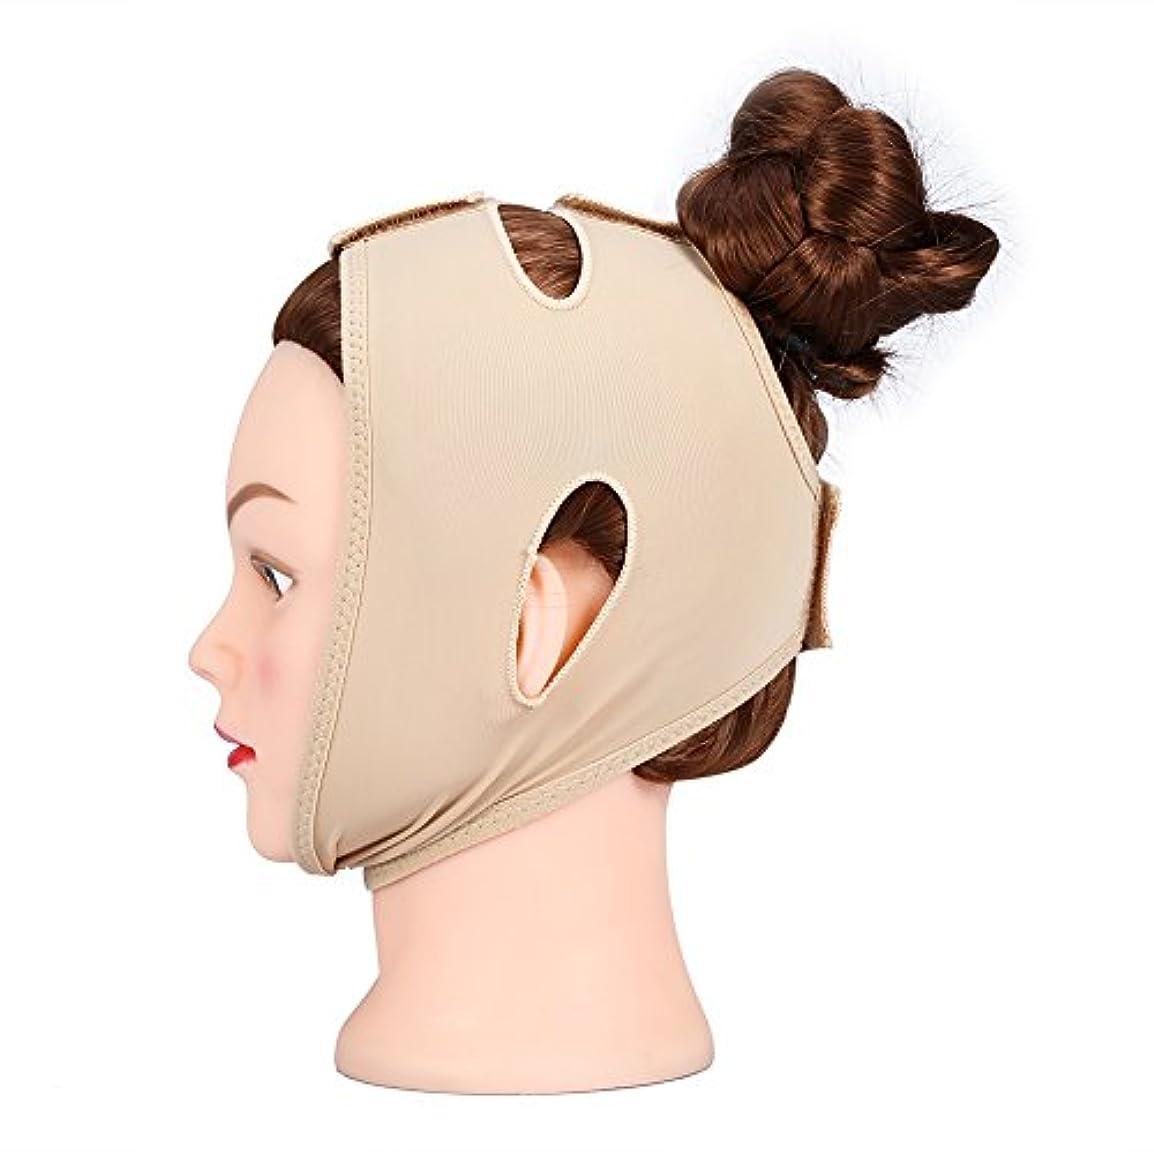 パワーセル無傷傘フェイシャルシェーピングマスク、フェイスリフトアップシンネックマスクバンデージ(M)